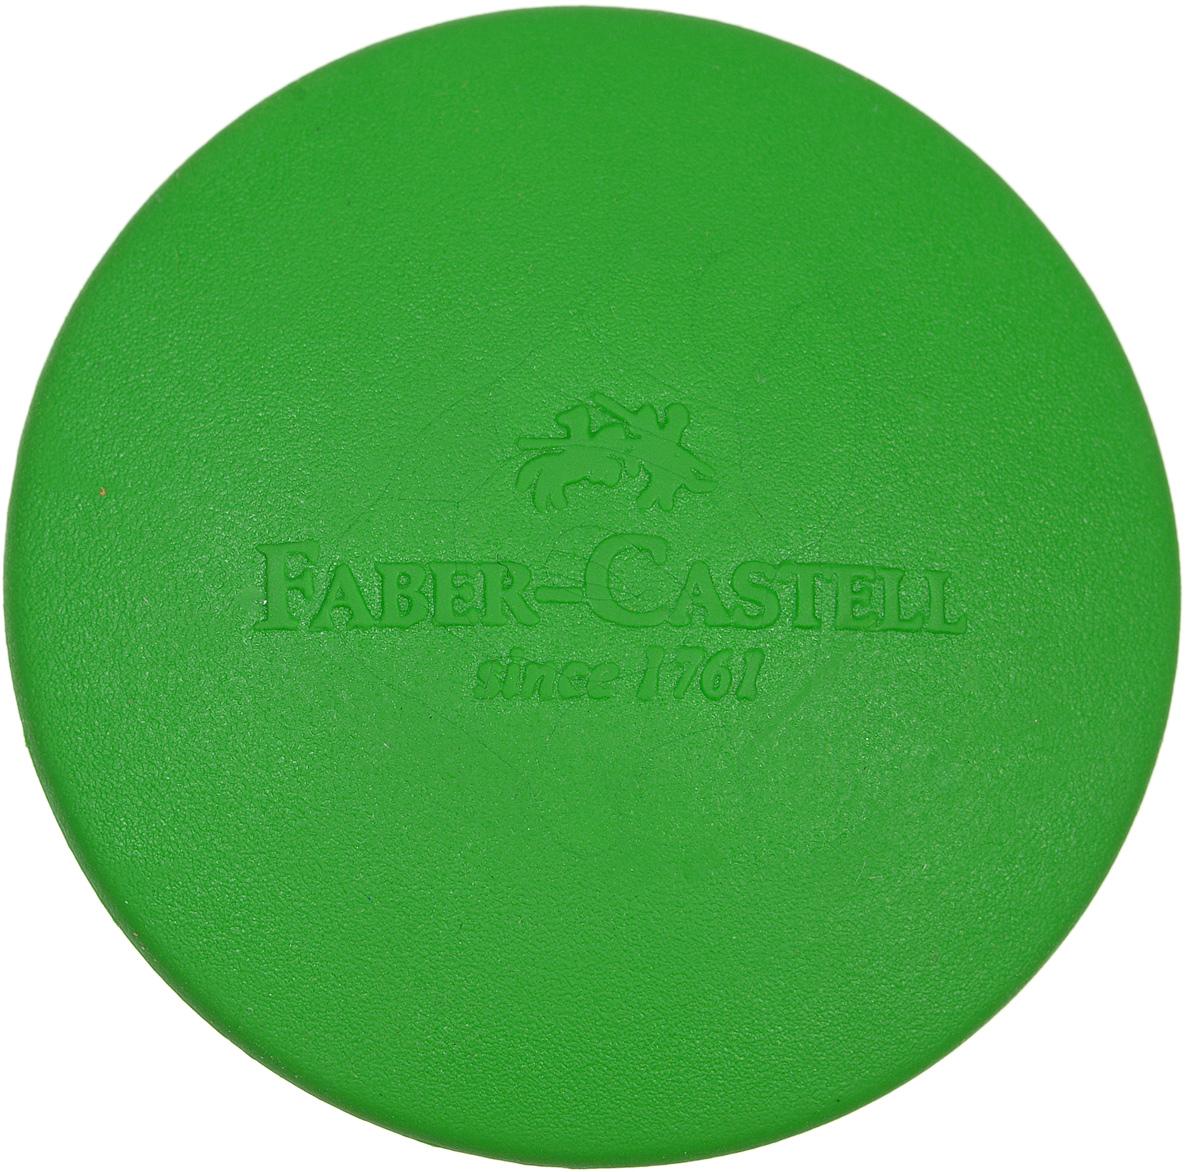 Faber-Castell Ластик цвет зеленый182400Круглый ластик Faber-Castell - незаменимый аксессуар на рабочем столе не только школьника или студента, но и офисного работника. Он легко и без следа удаляет надписи, сделанные карандашом. Благодаря удобной форме его комфортно держать в руке.